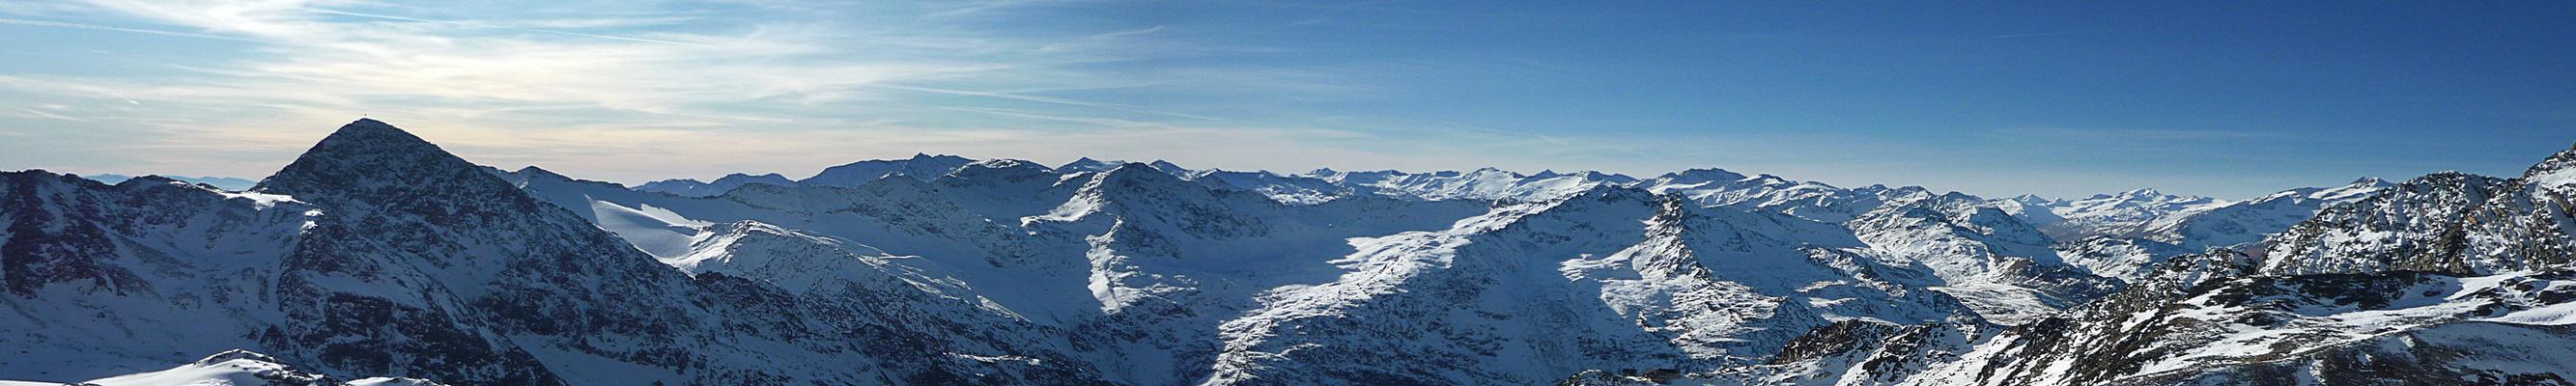 Blick vom Stubaier Gletscher in die Ötztaler Alpen mit Wildspitze und Weißkugel